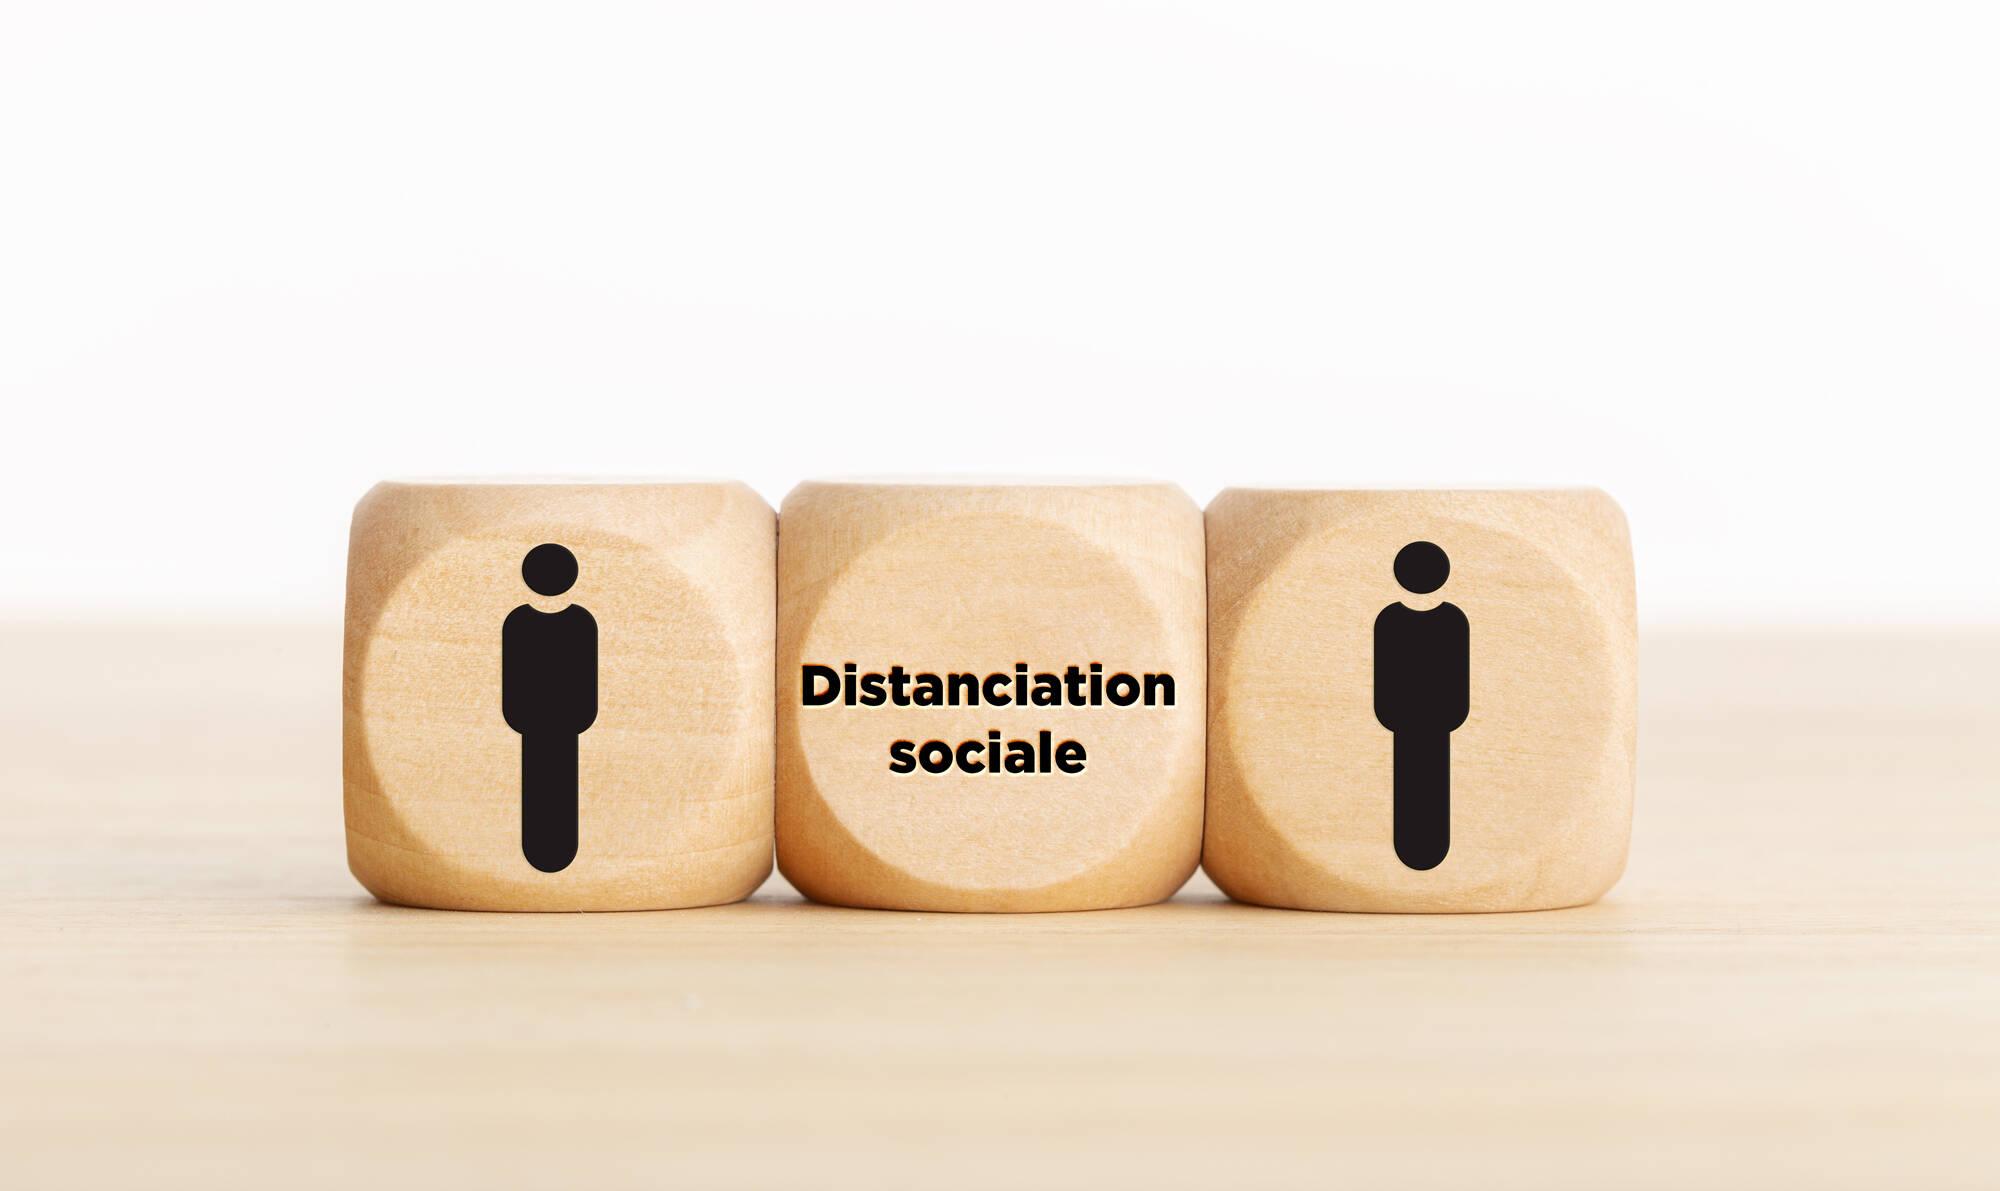 distanciation-sociale